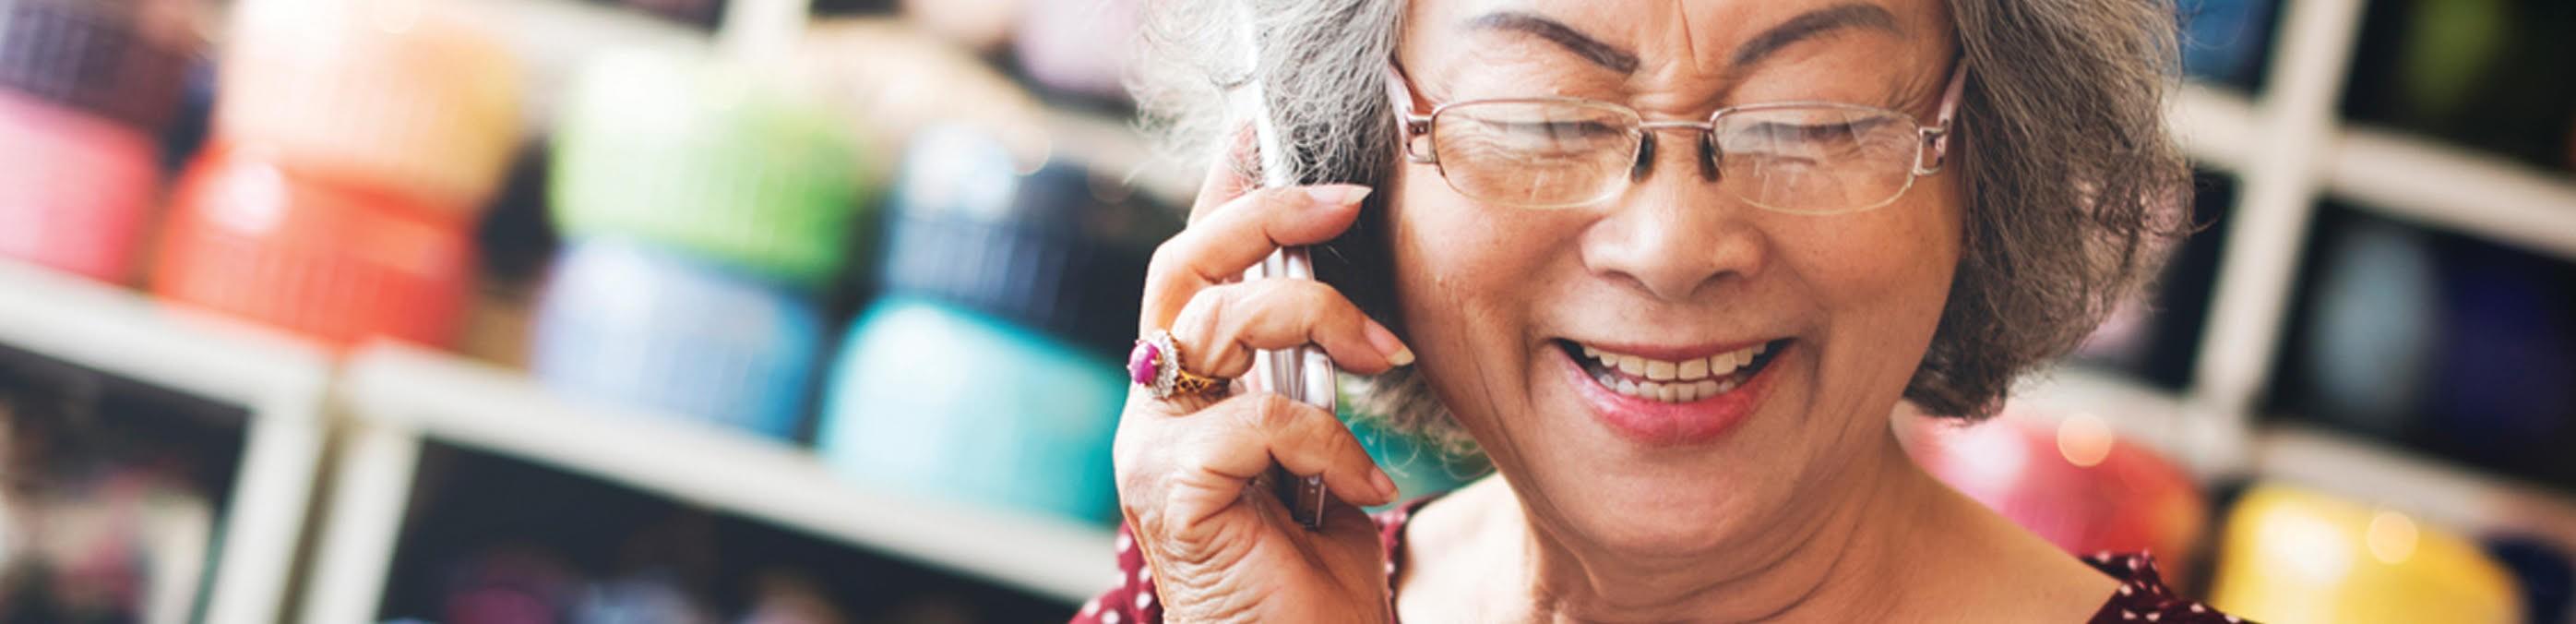 Une dame souriante prend des notes en parlant sur son téléphone cellulaire